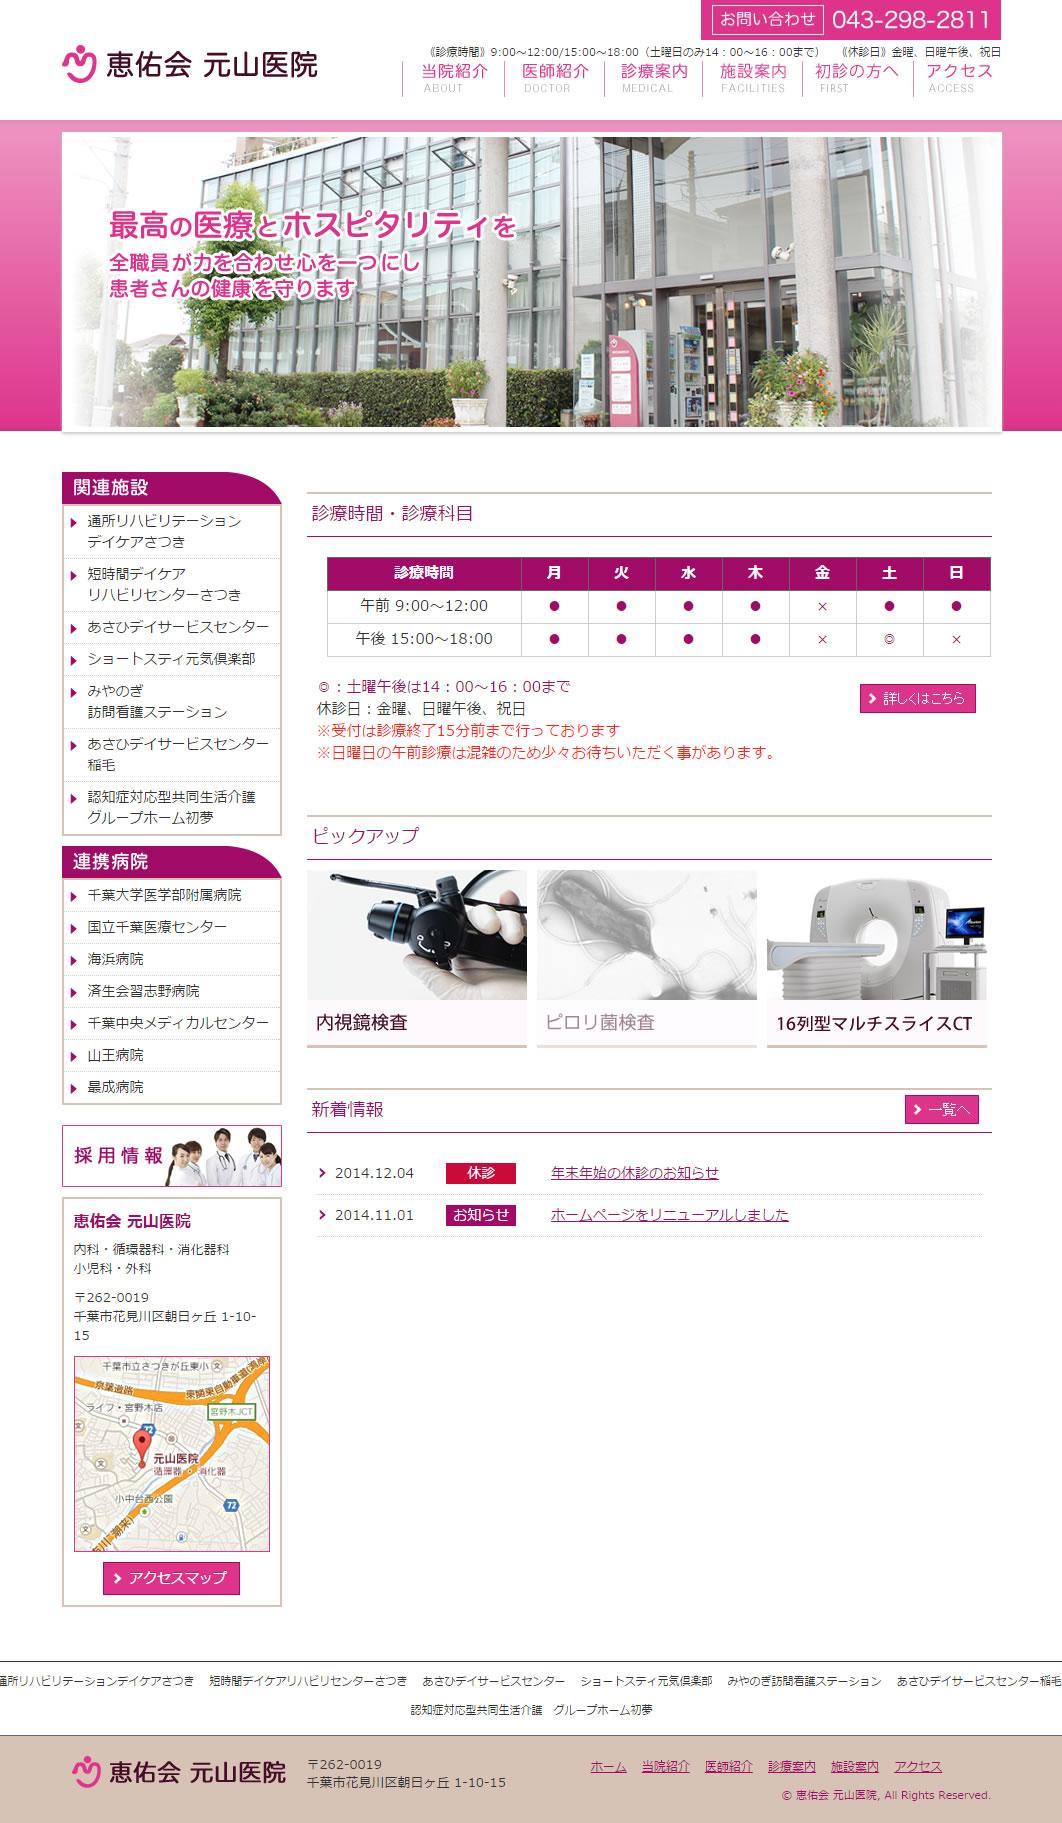 恵祐会 元山医院